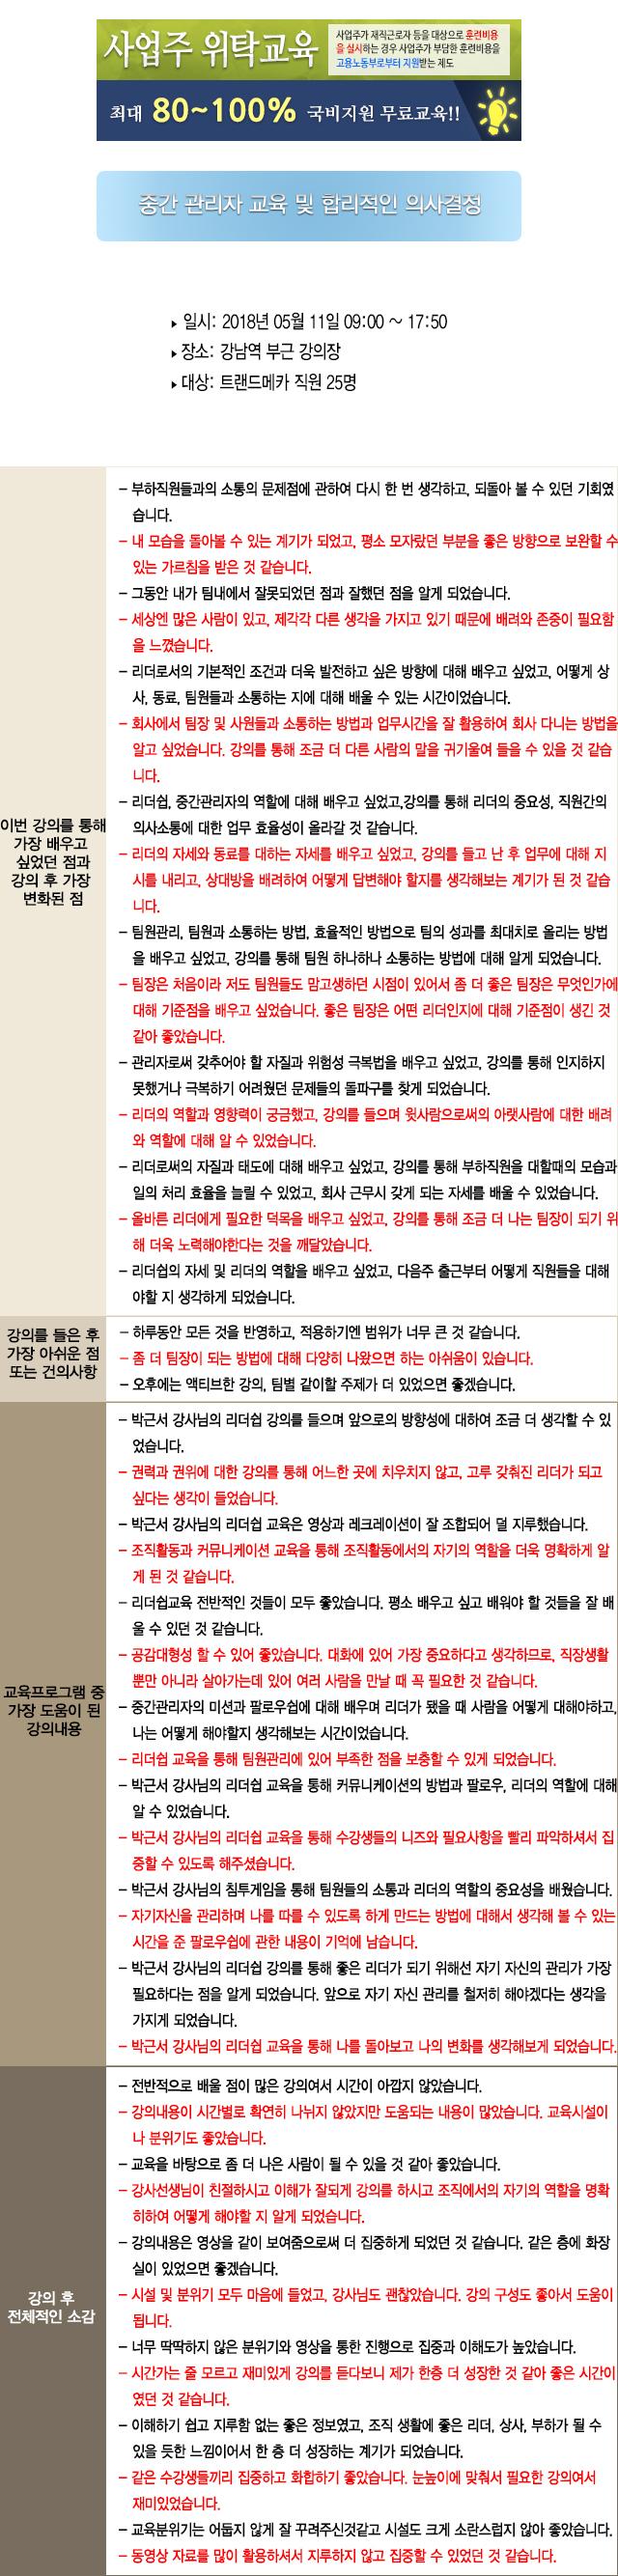 한국중앙인재개발원 후기 트랜드메카.jpg